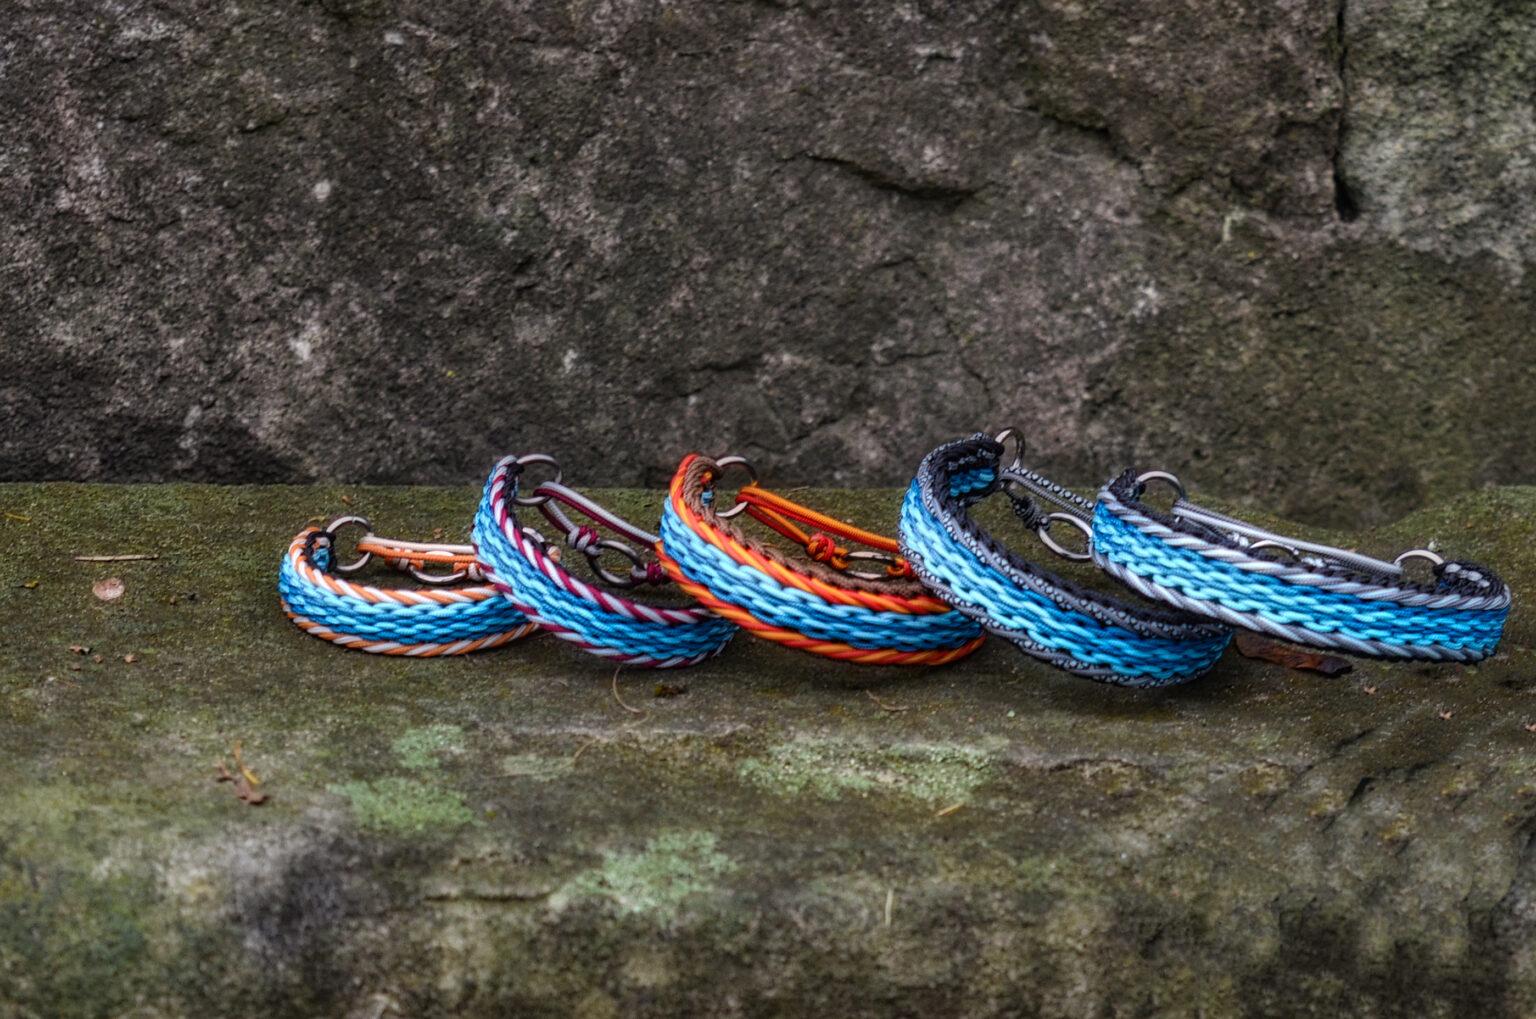 Der Zigeunerwirbel für eine ganze Bande. Die Hunde von Silke tragen in der Mitte die Rudelfarben Türkis und Petrol. Die Ränder sind passend zum Charakter jedes Einzelnen gewählt. Das 5er Rudel hat Halsbänder in Paracord Typ I und für die etwas Größeren in einem Typ I + Typ II Mix bekommen.